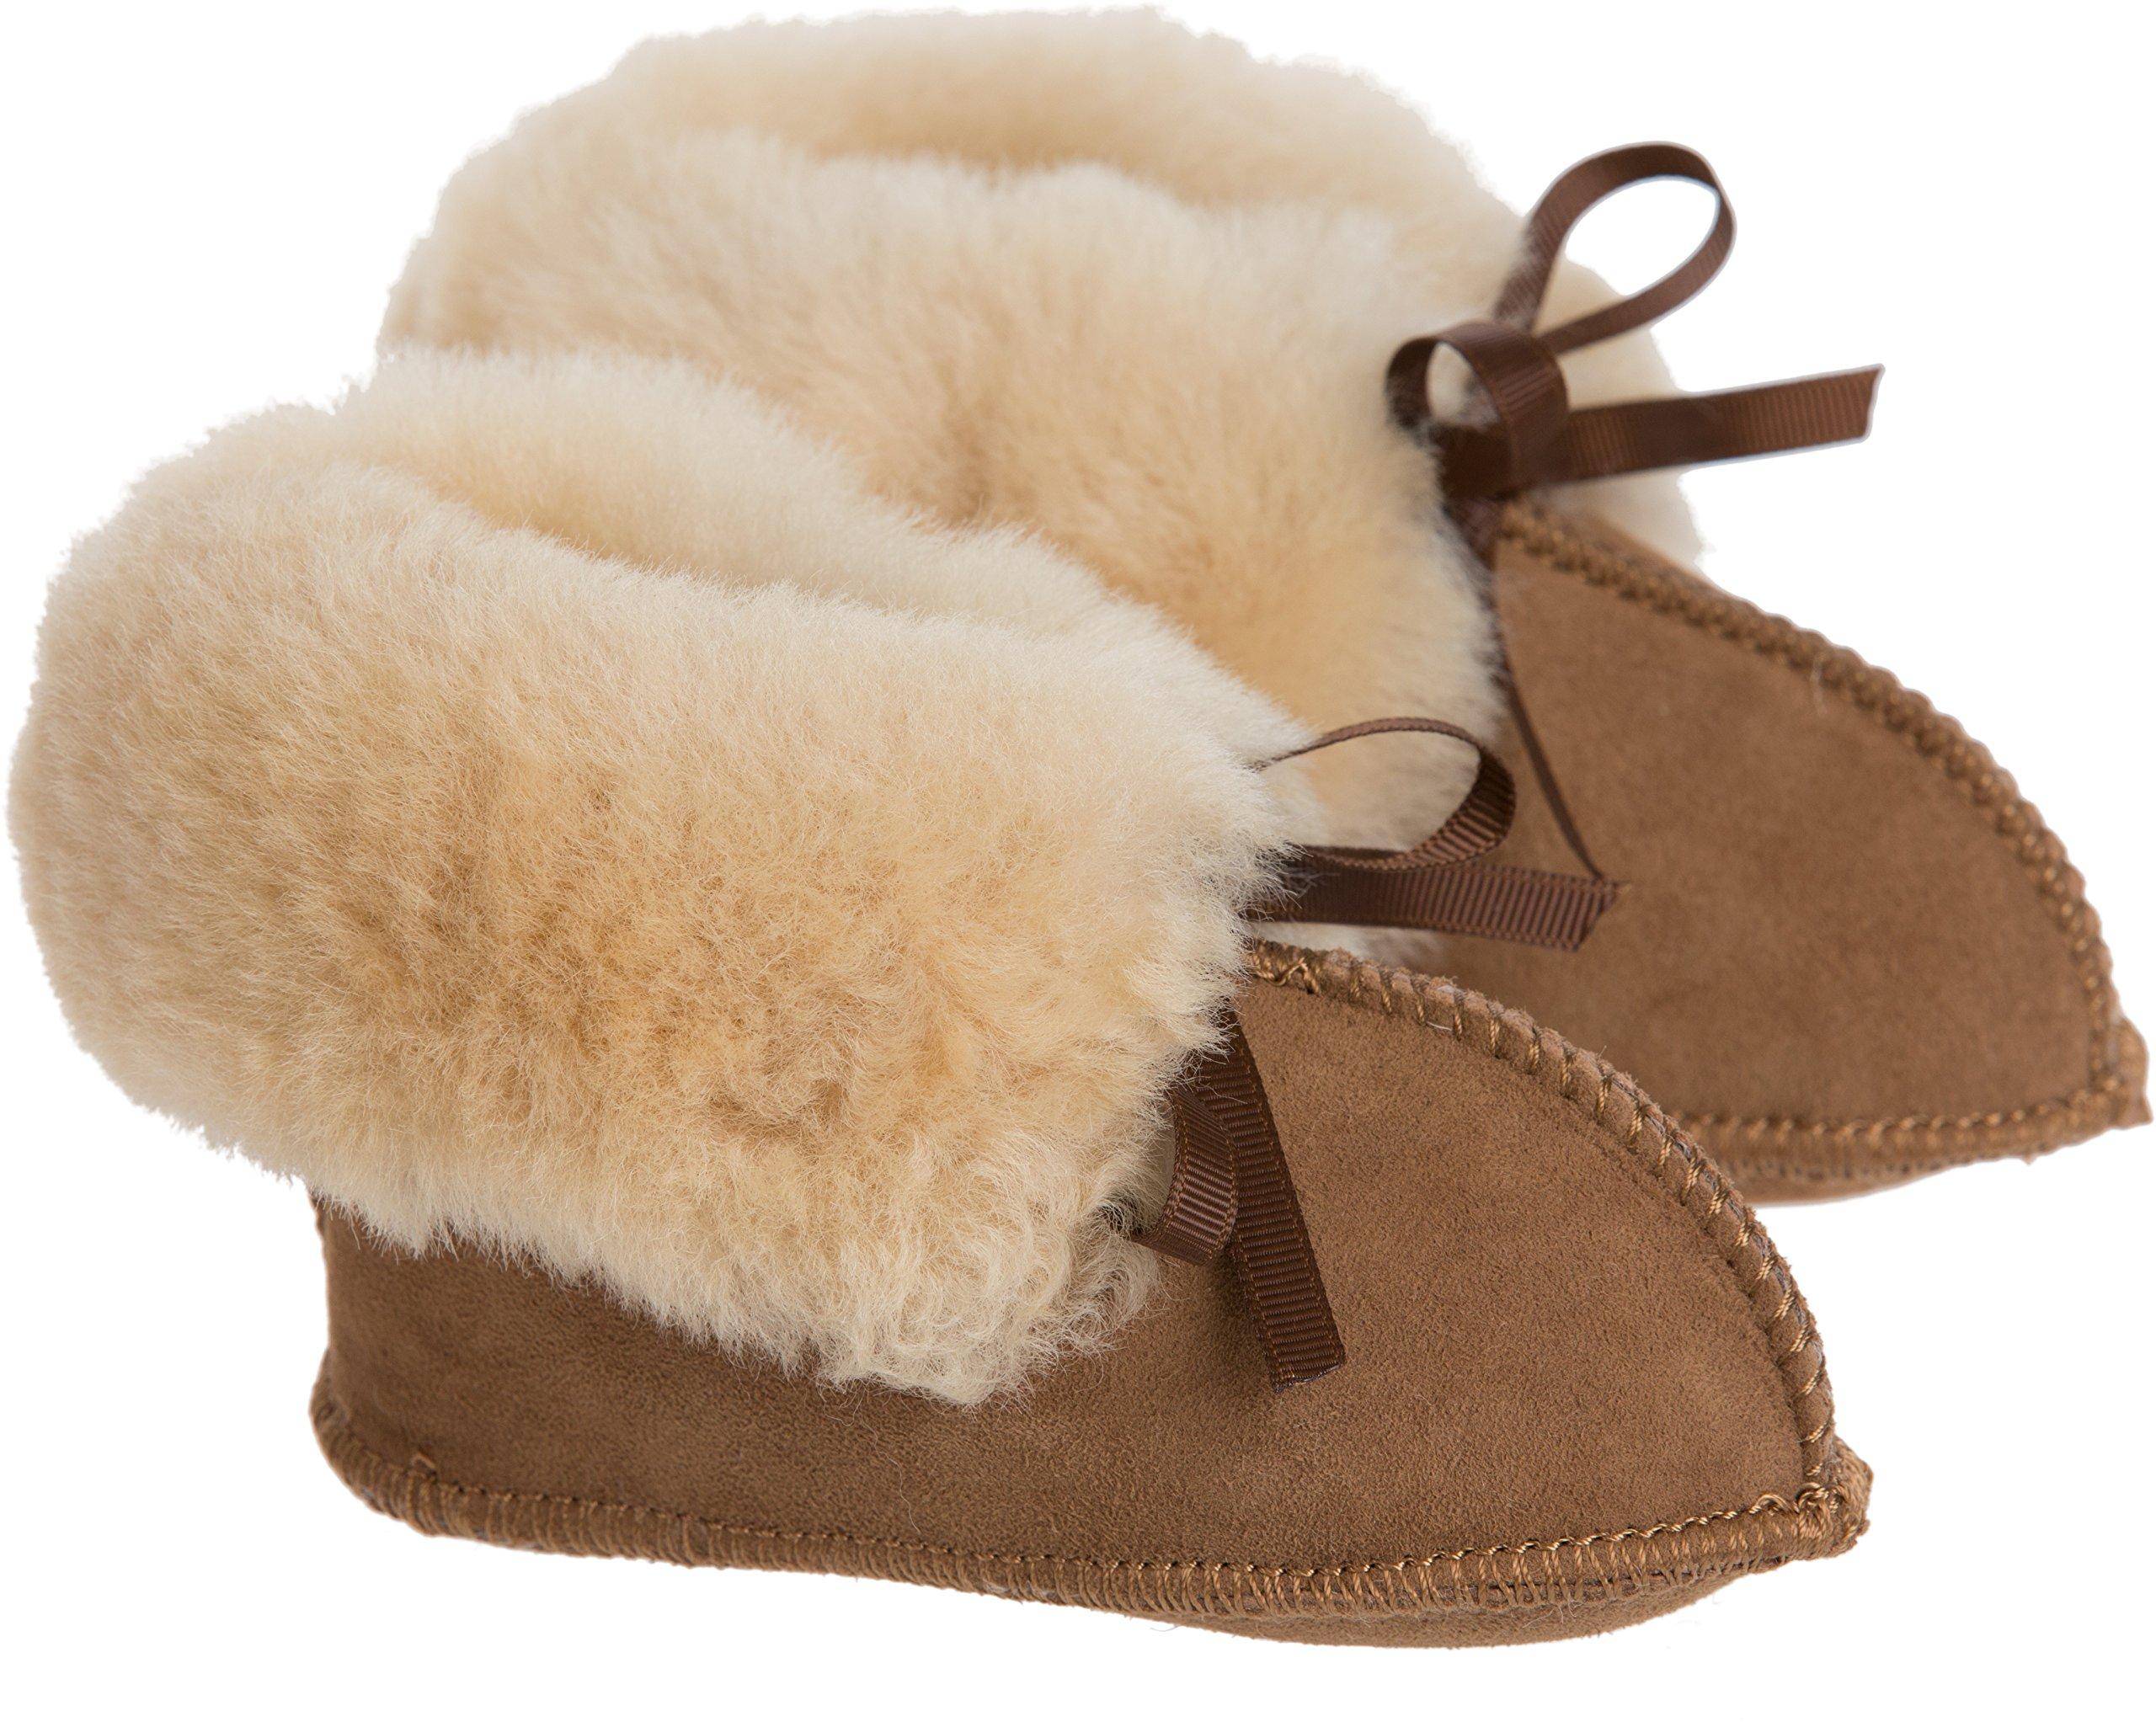 Australian Sheepskin Baby Slipper Booties